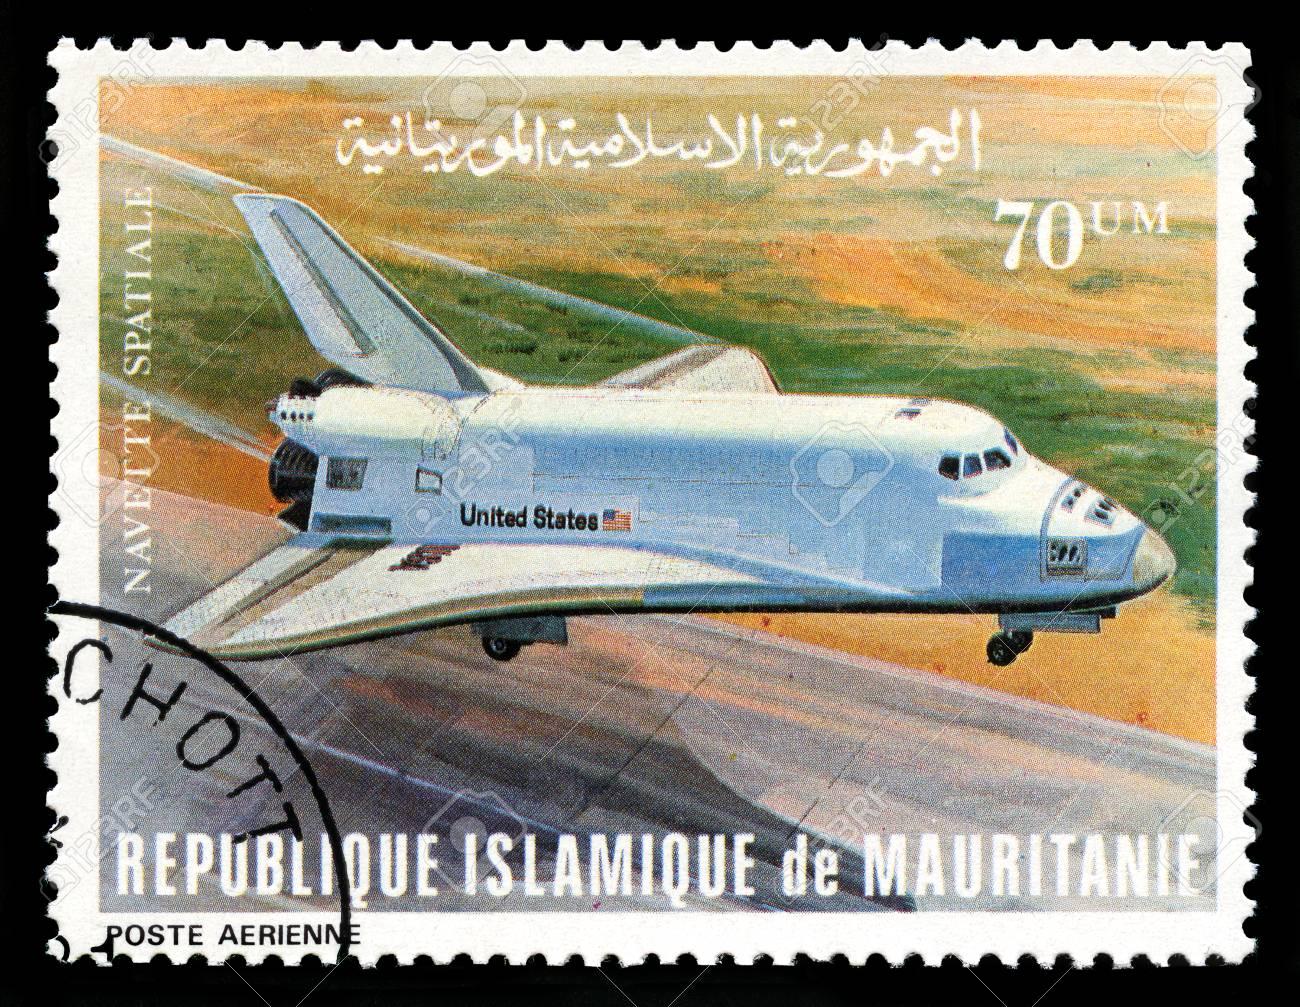 REPUBLIQUE ISLAMIQUE DE MAURITANIE - CIRCA 1981: A vintage postage stamp from Republique Islamique de Mauritanie depicting an image of the Space Shuttle, circa 1981. - 31610484